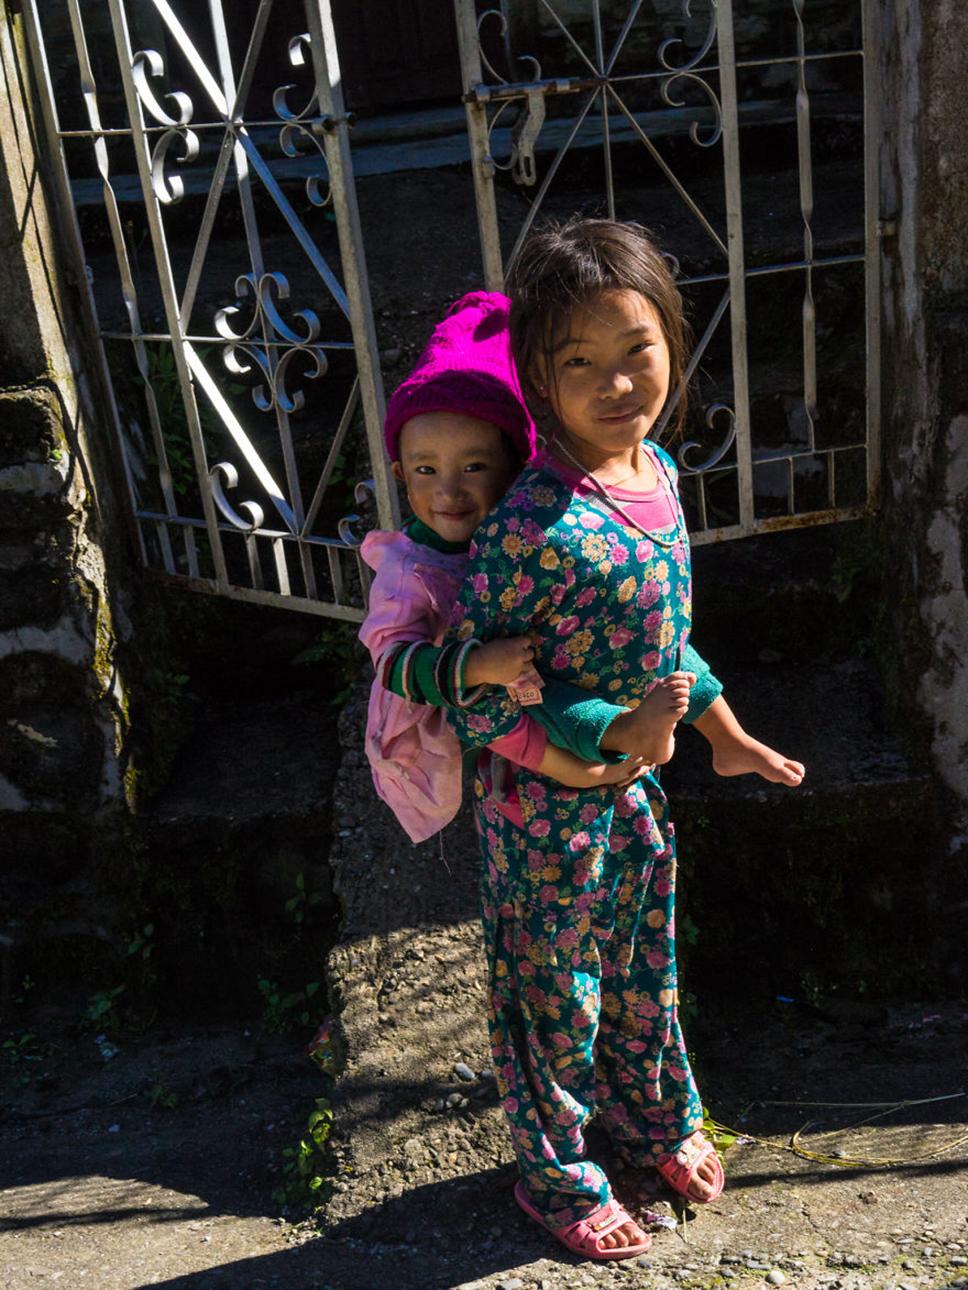 https://i1.wp.com/nomadesdigitais.com/wp-content/uploads/2016/01/Nepal.jpg